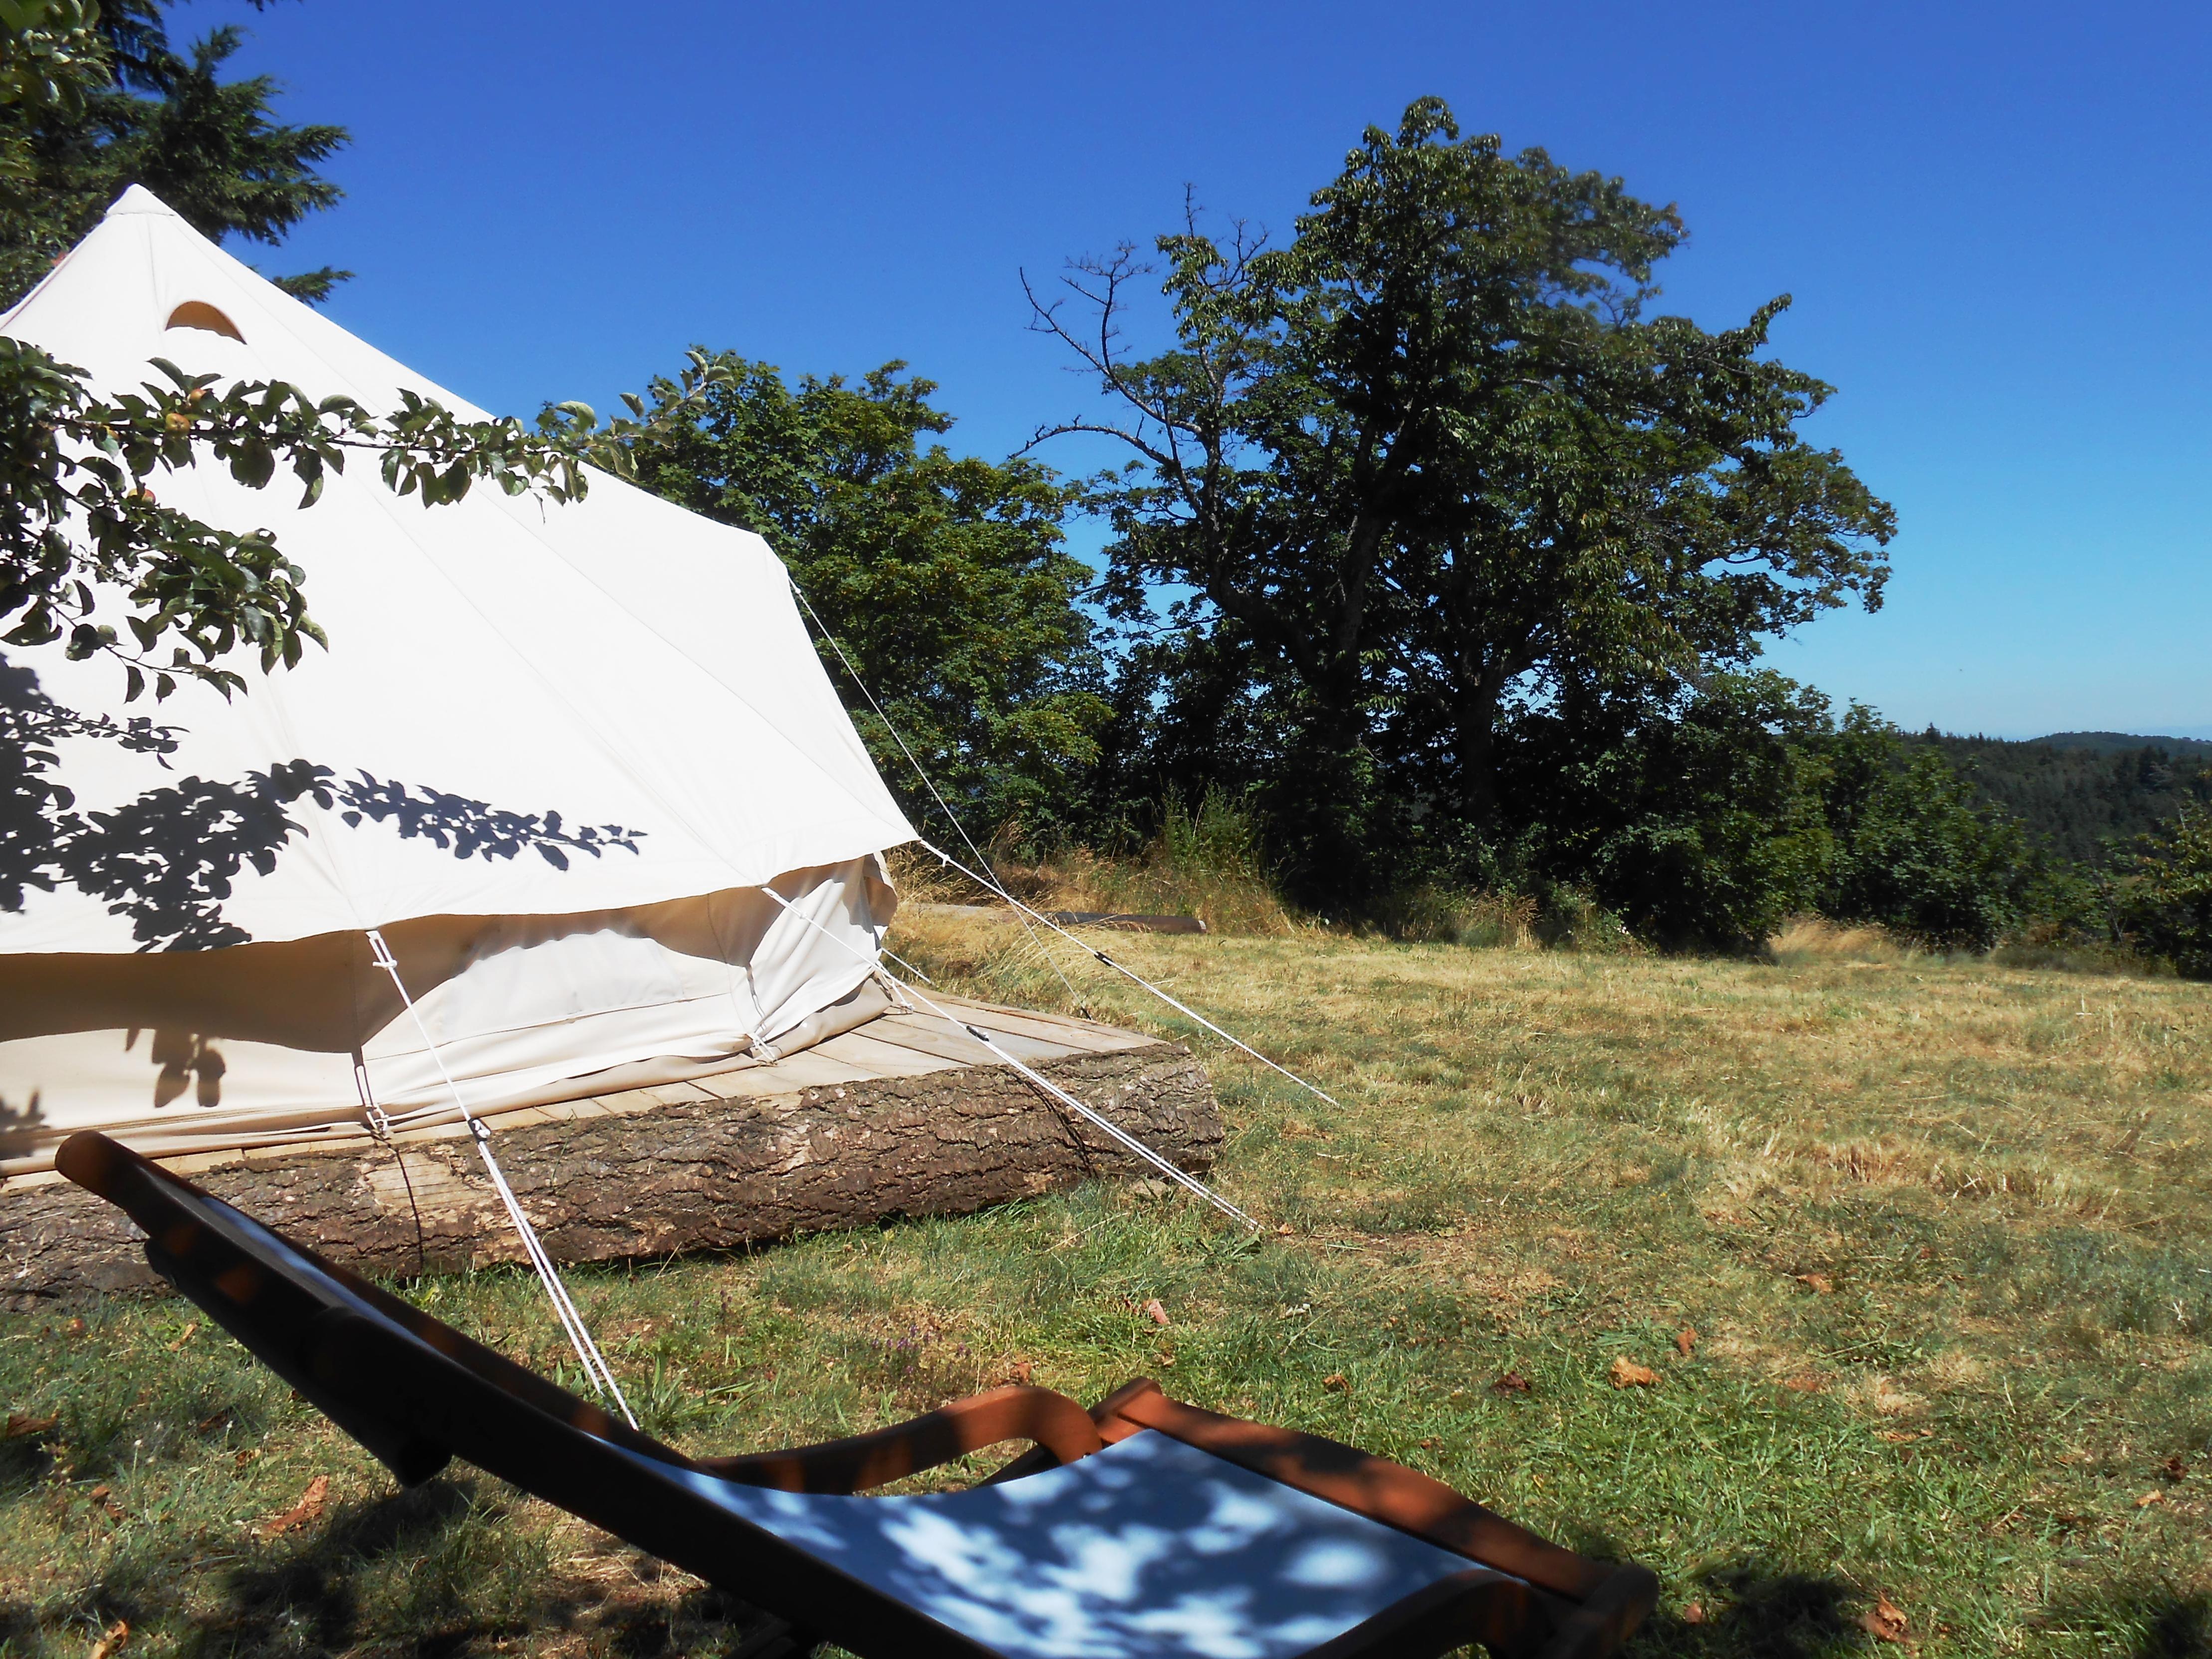 Hébergements insolites : Les Soleillas - tente saharienne (1-5 pers.)